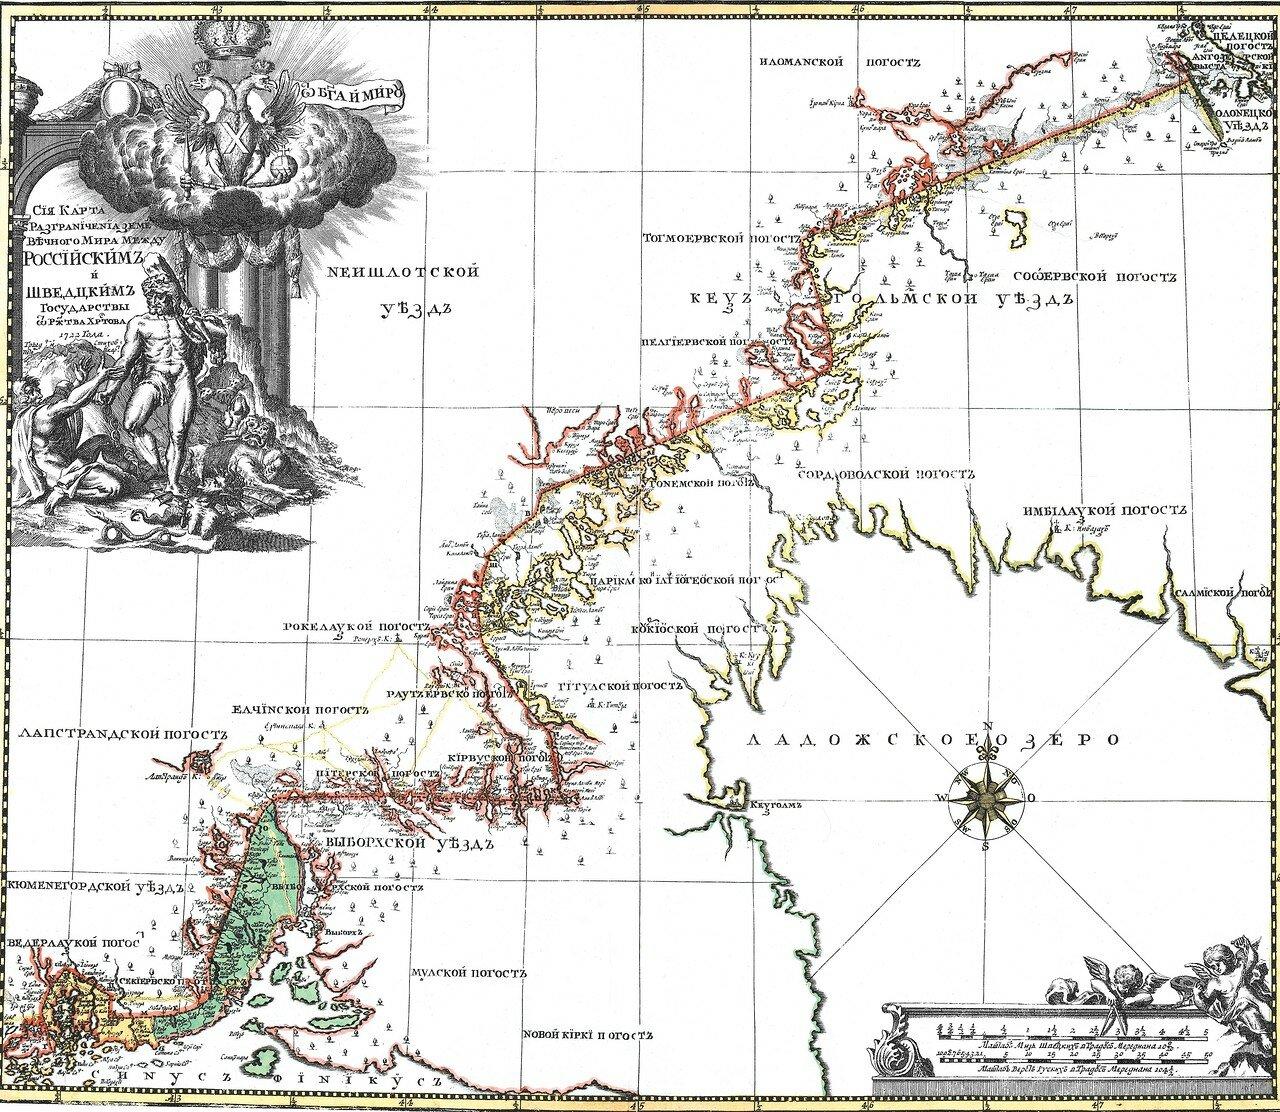 05. Карта разграничения земли Вечного Мира между Российским и Шведским Государствами